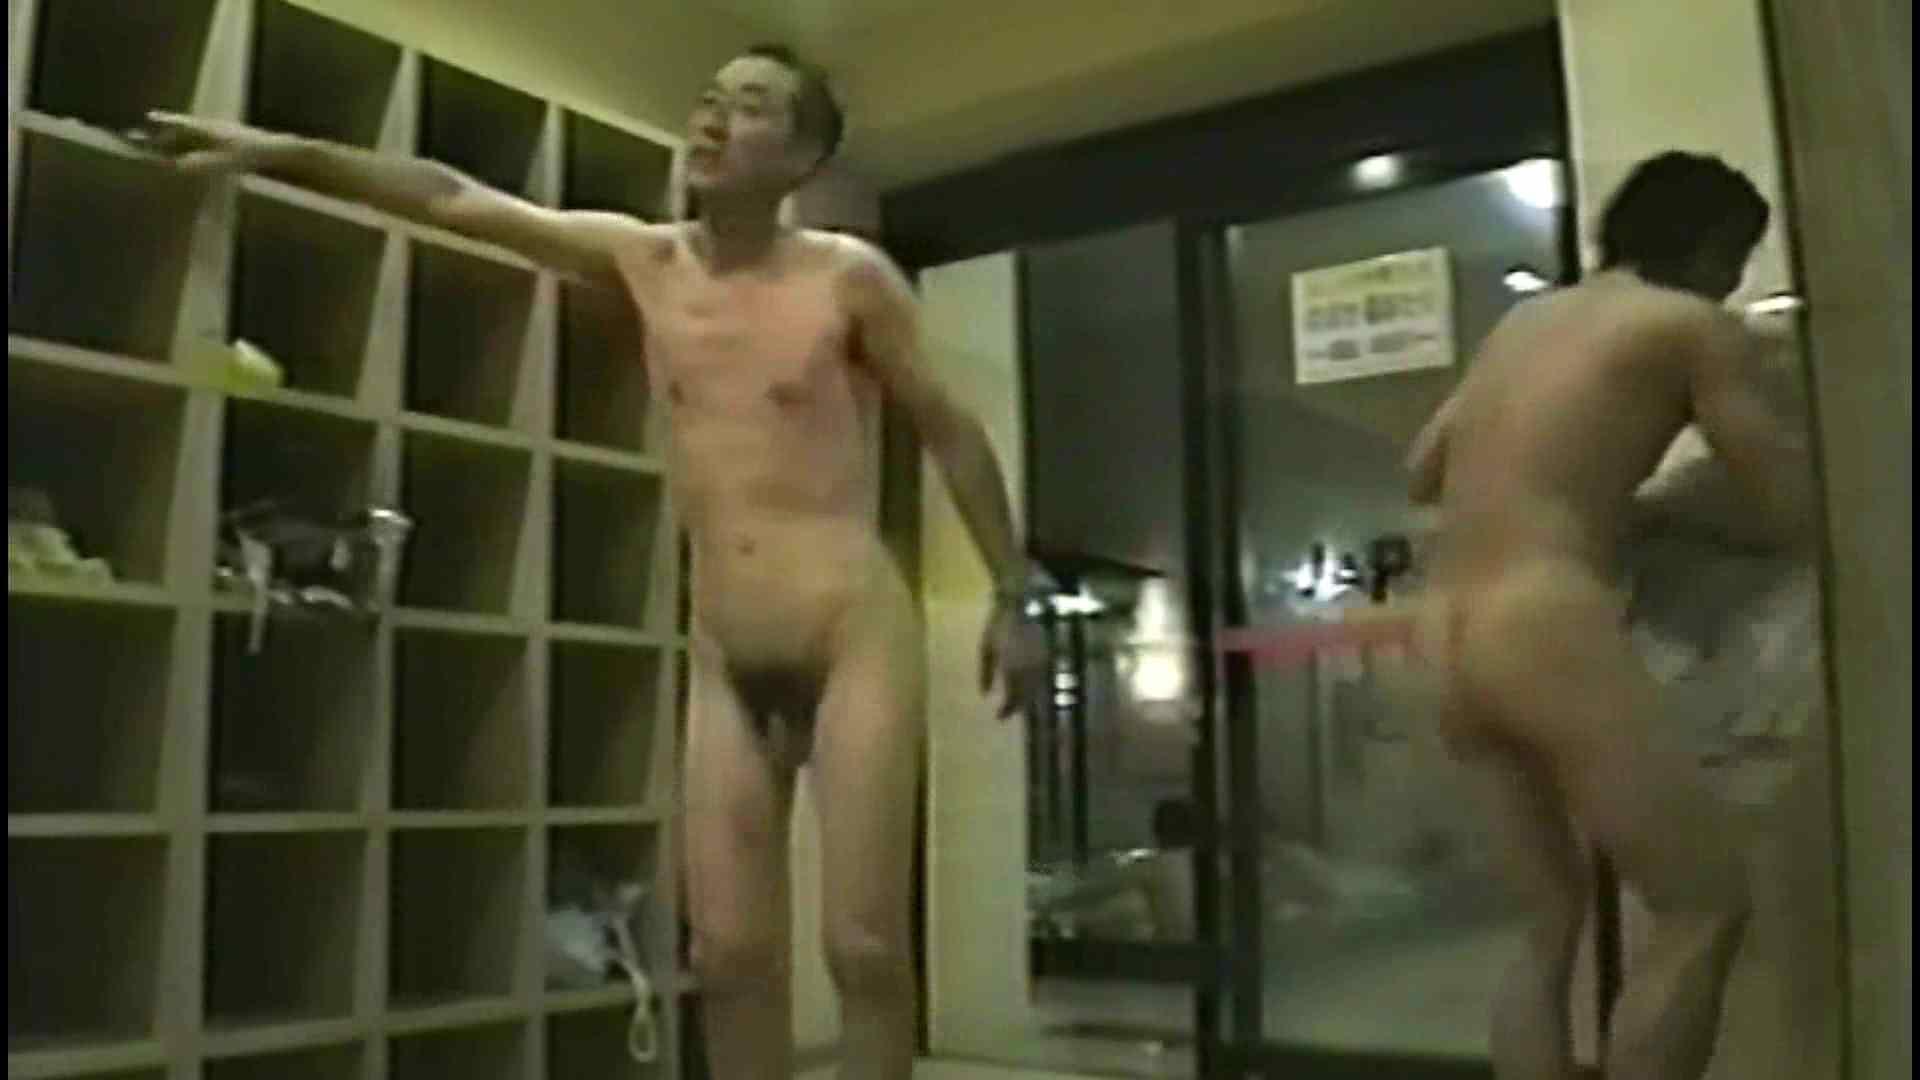 男風呂覗かせていただきます。Vol.06 スポーツ系男子 | 男子盗撮  57枚 23